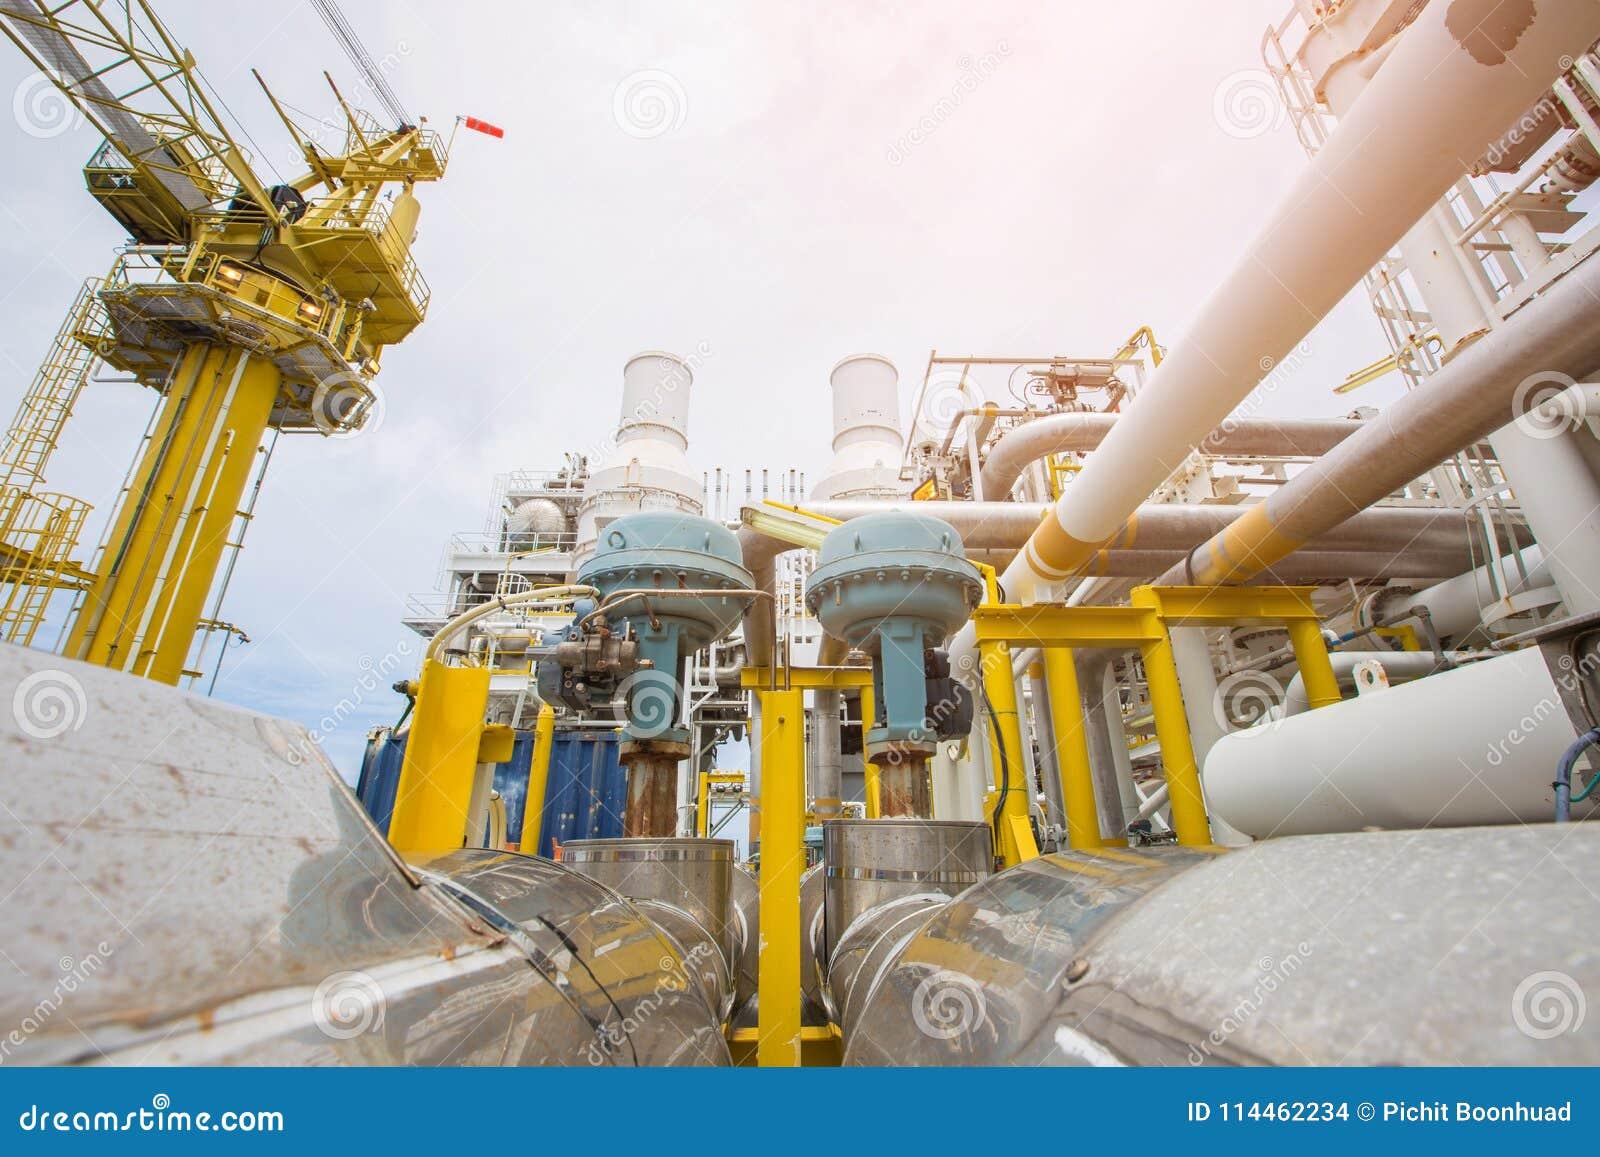 Slaag er niet in om type van aangedreven controleklep in olie en gas centraal verwerkingsplatform te sluiten